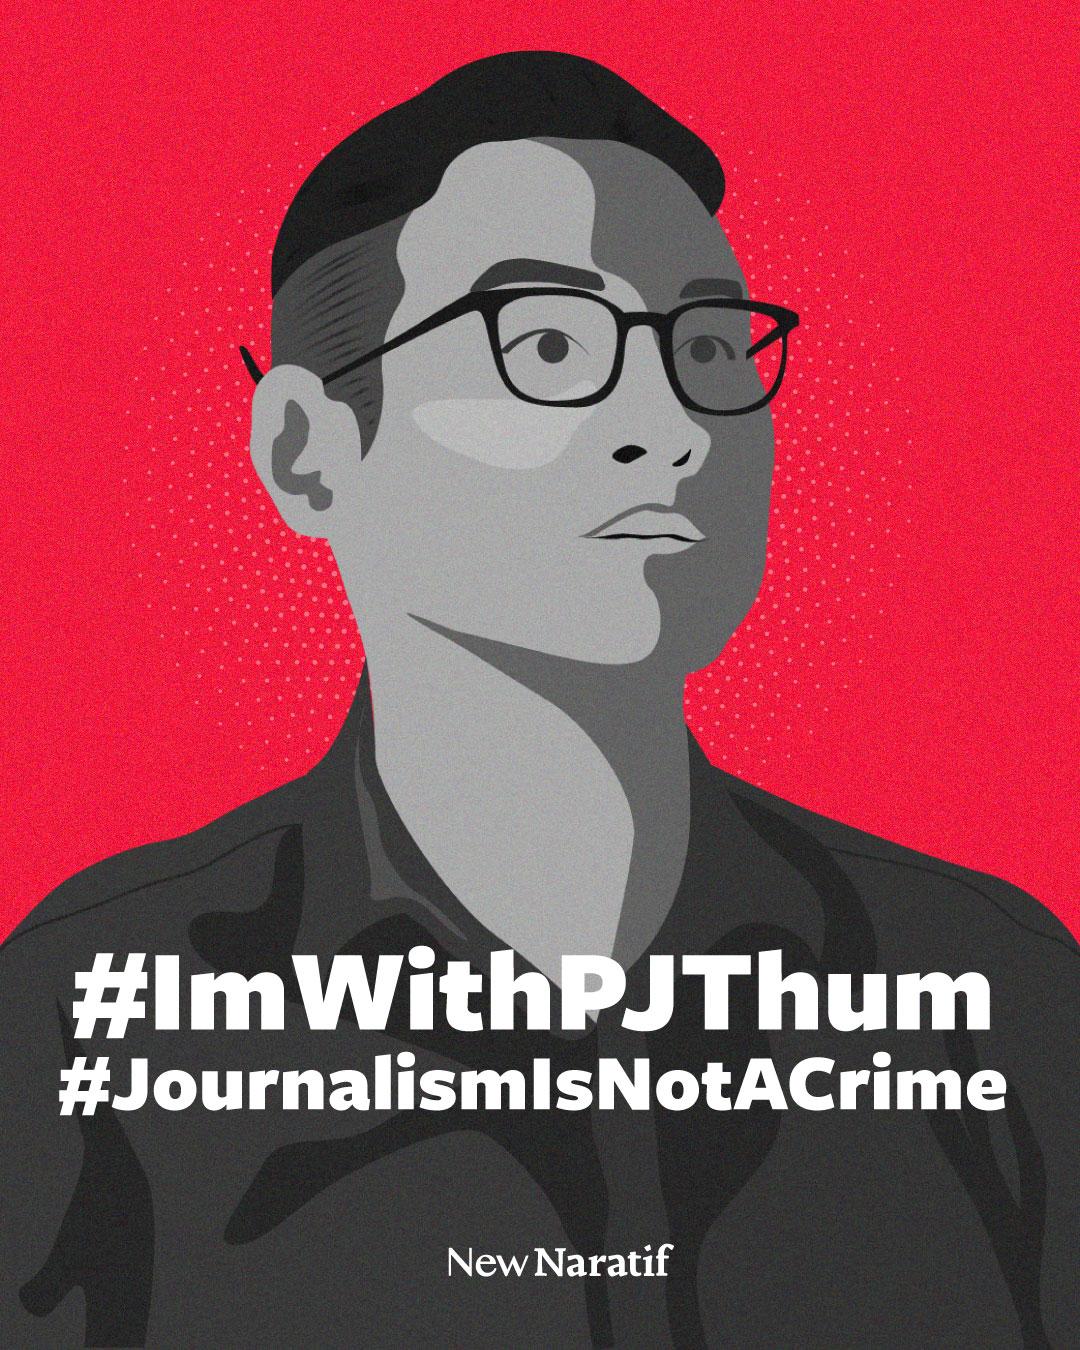 I'm with PJ Thum #I'mWithPJThum